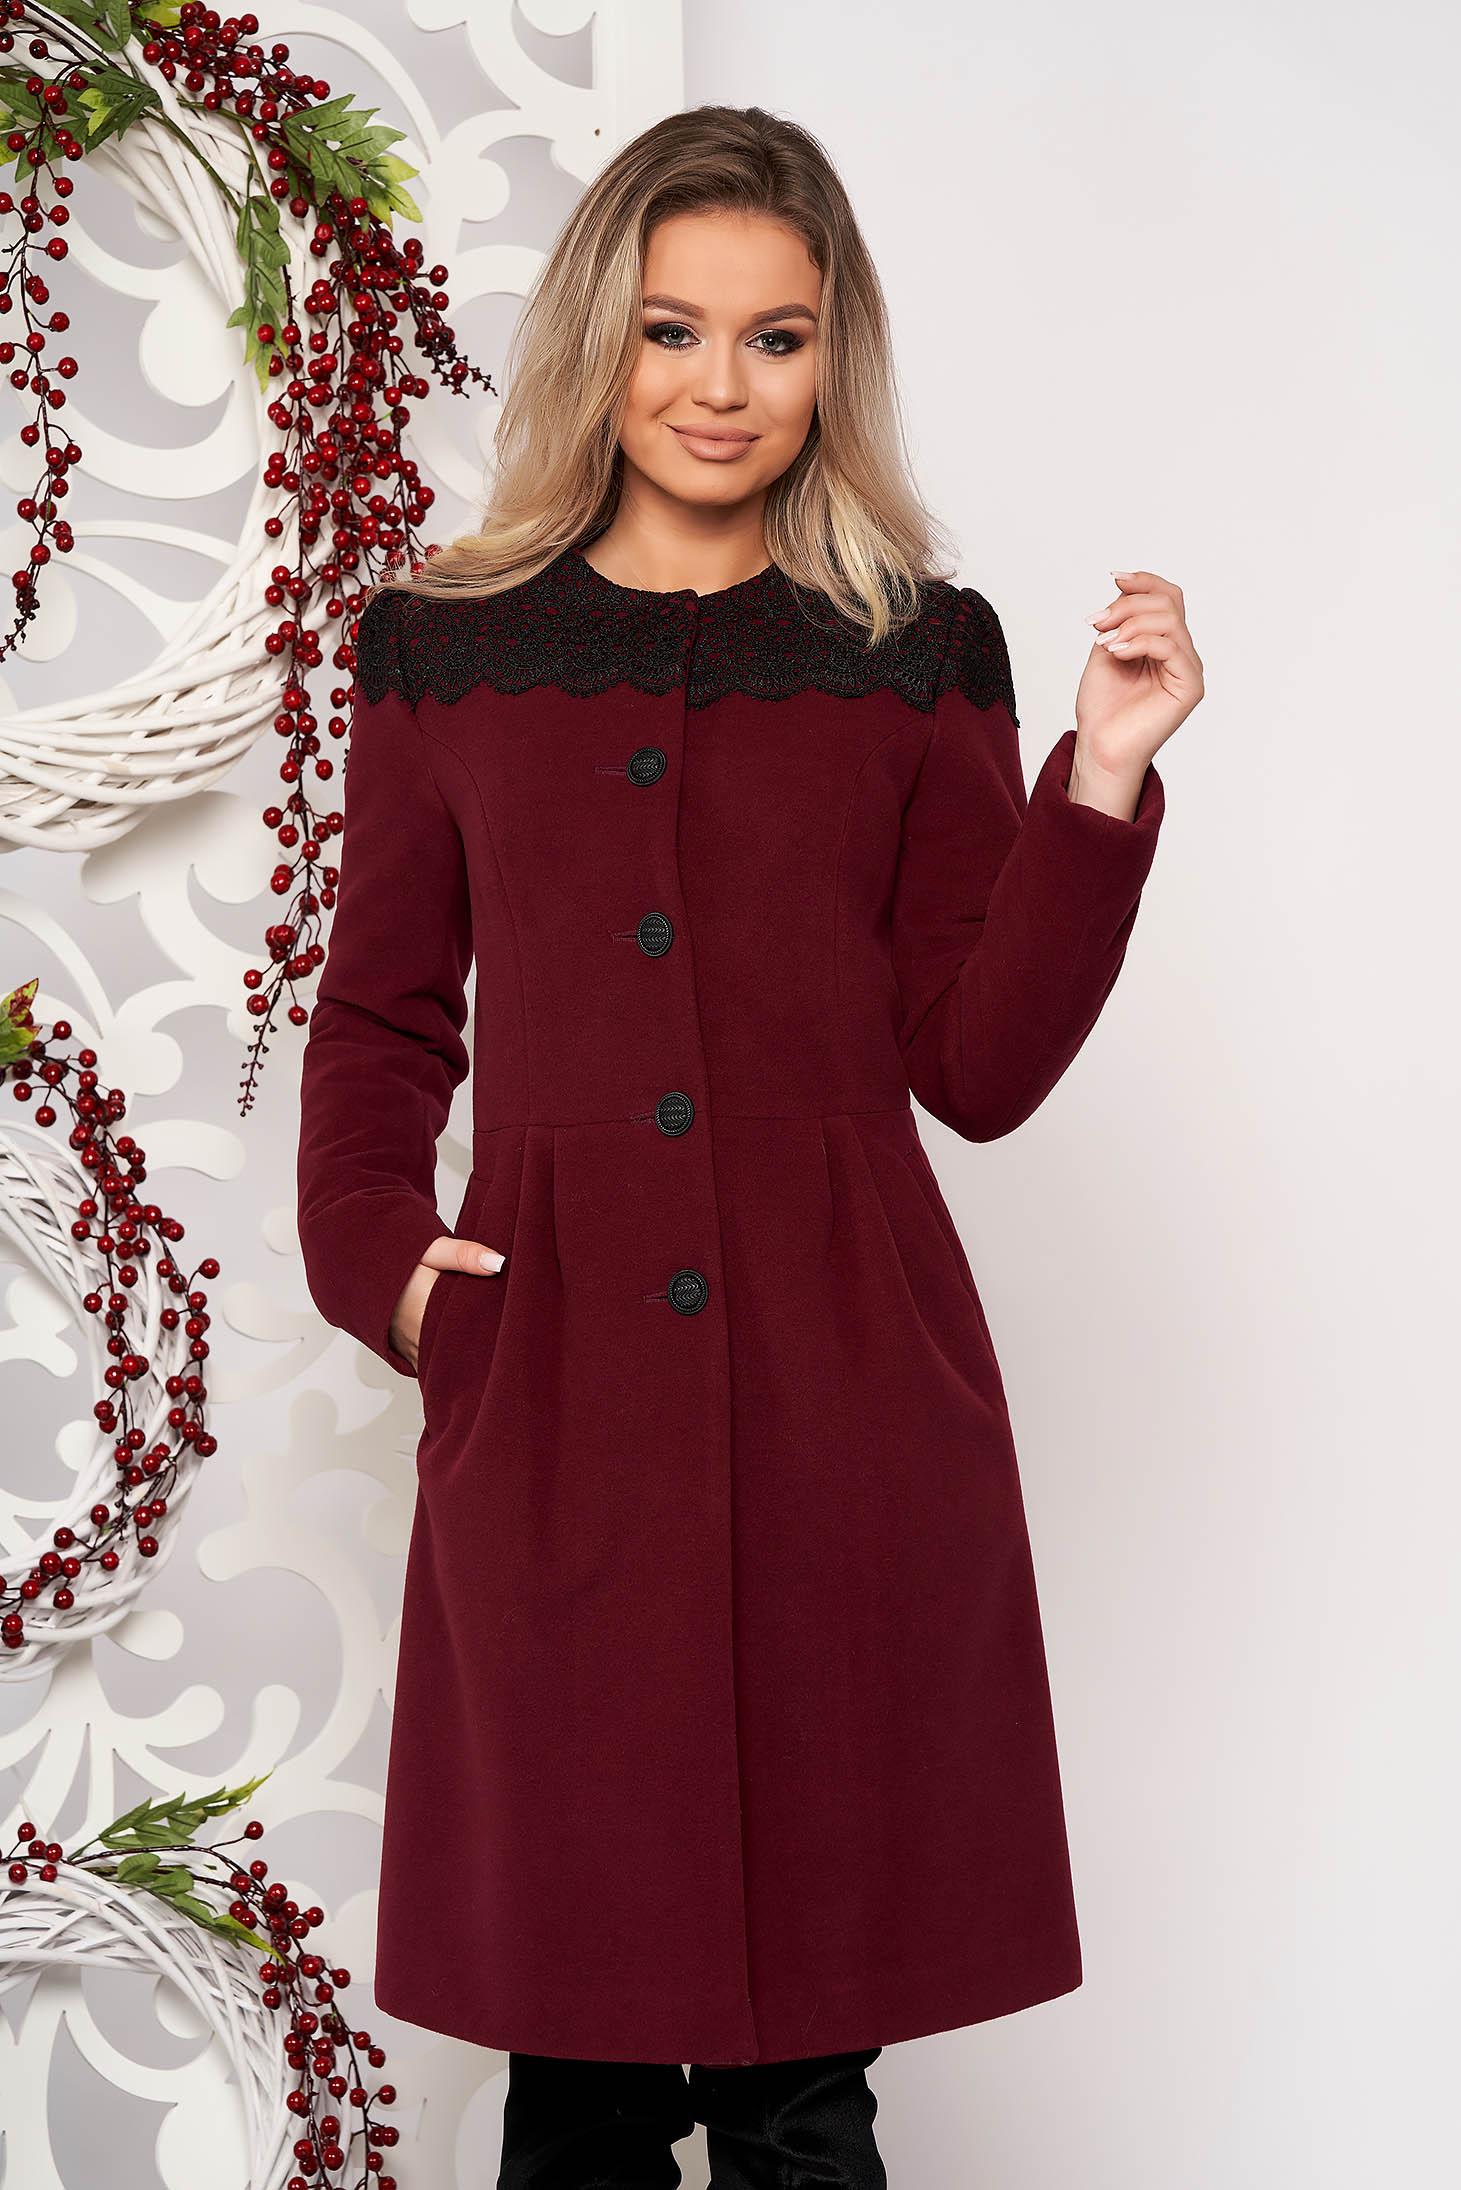 Palton LaDonna visiniu elegant din lana captuseala groasa cu insertii de broderie